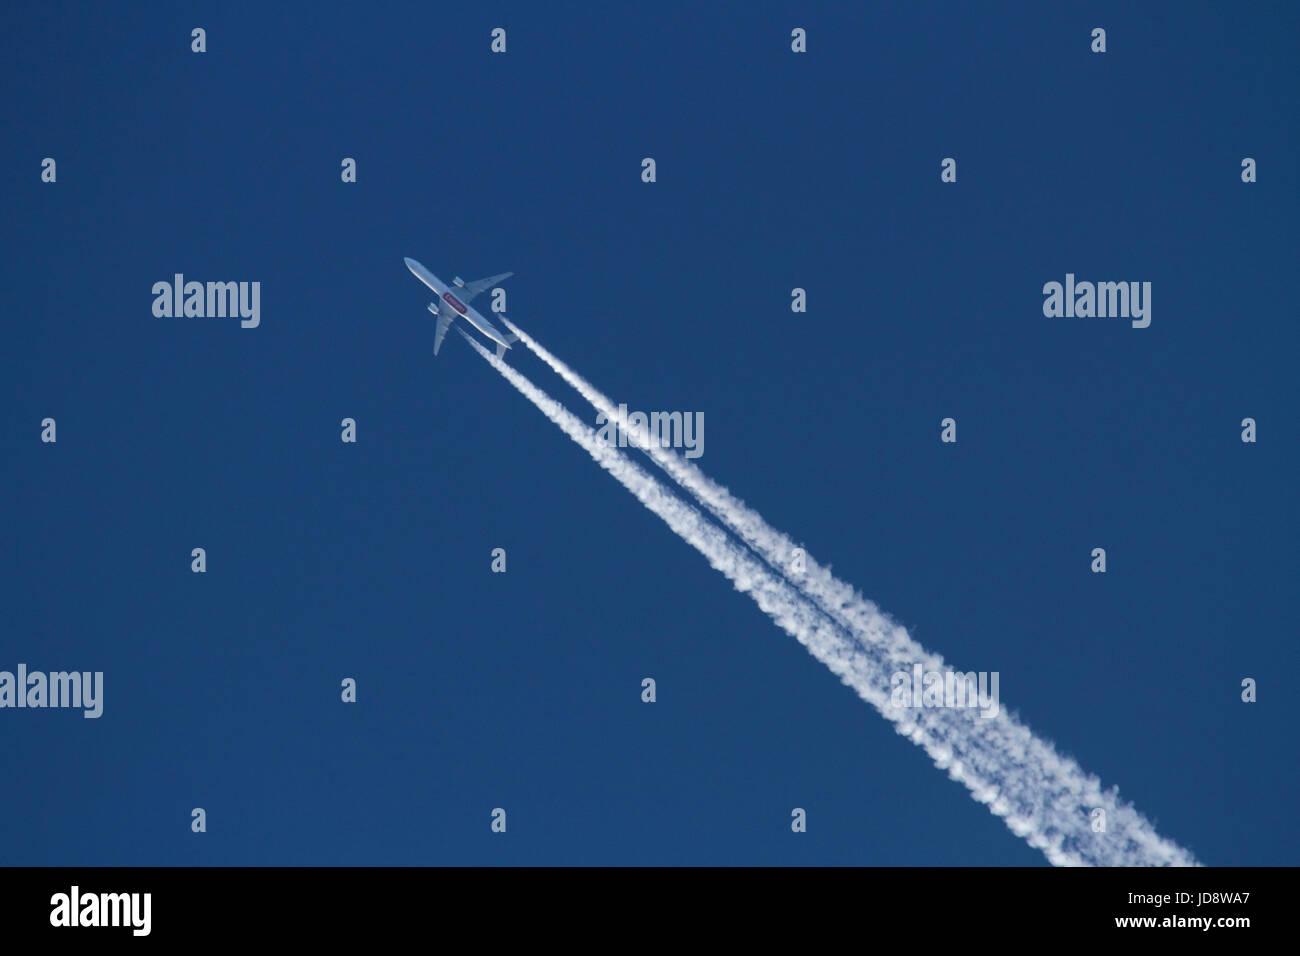 Les voyages aériens et l'environnement. Unis Boeing 777 avion à réaction volant à altitude Photo Stock